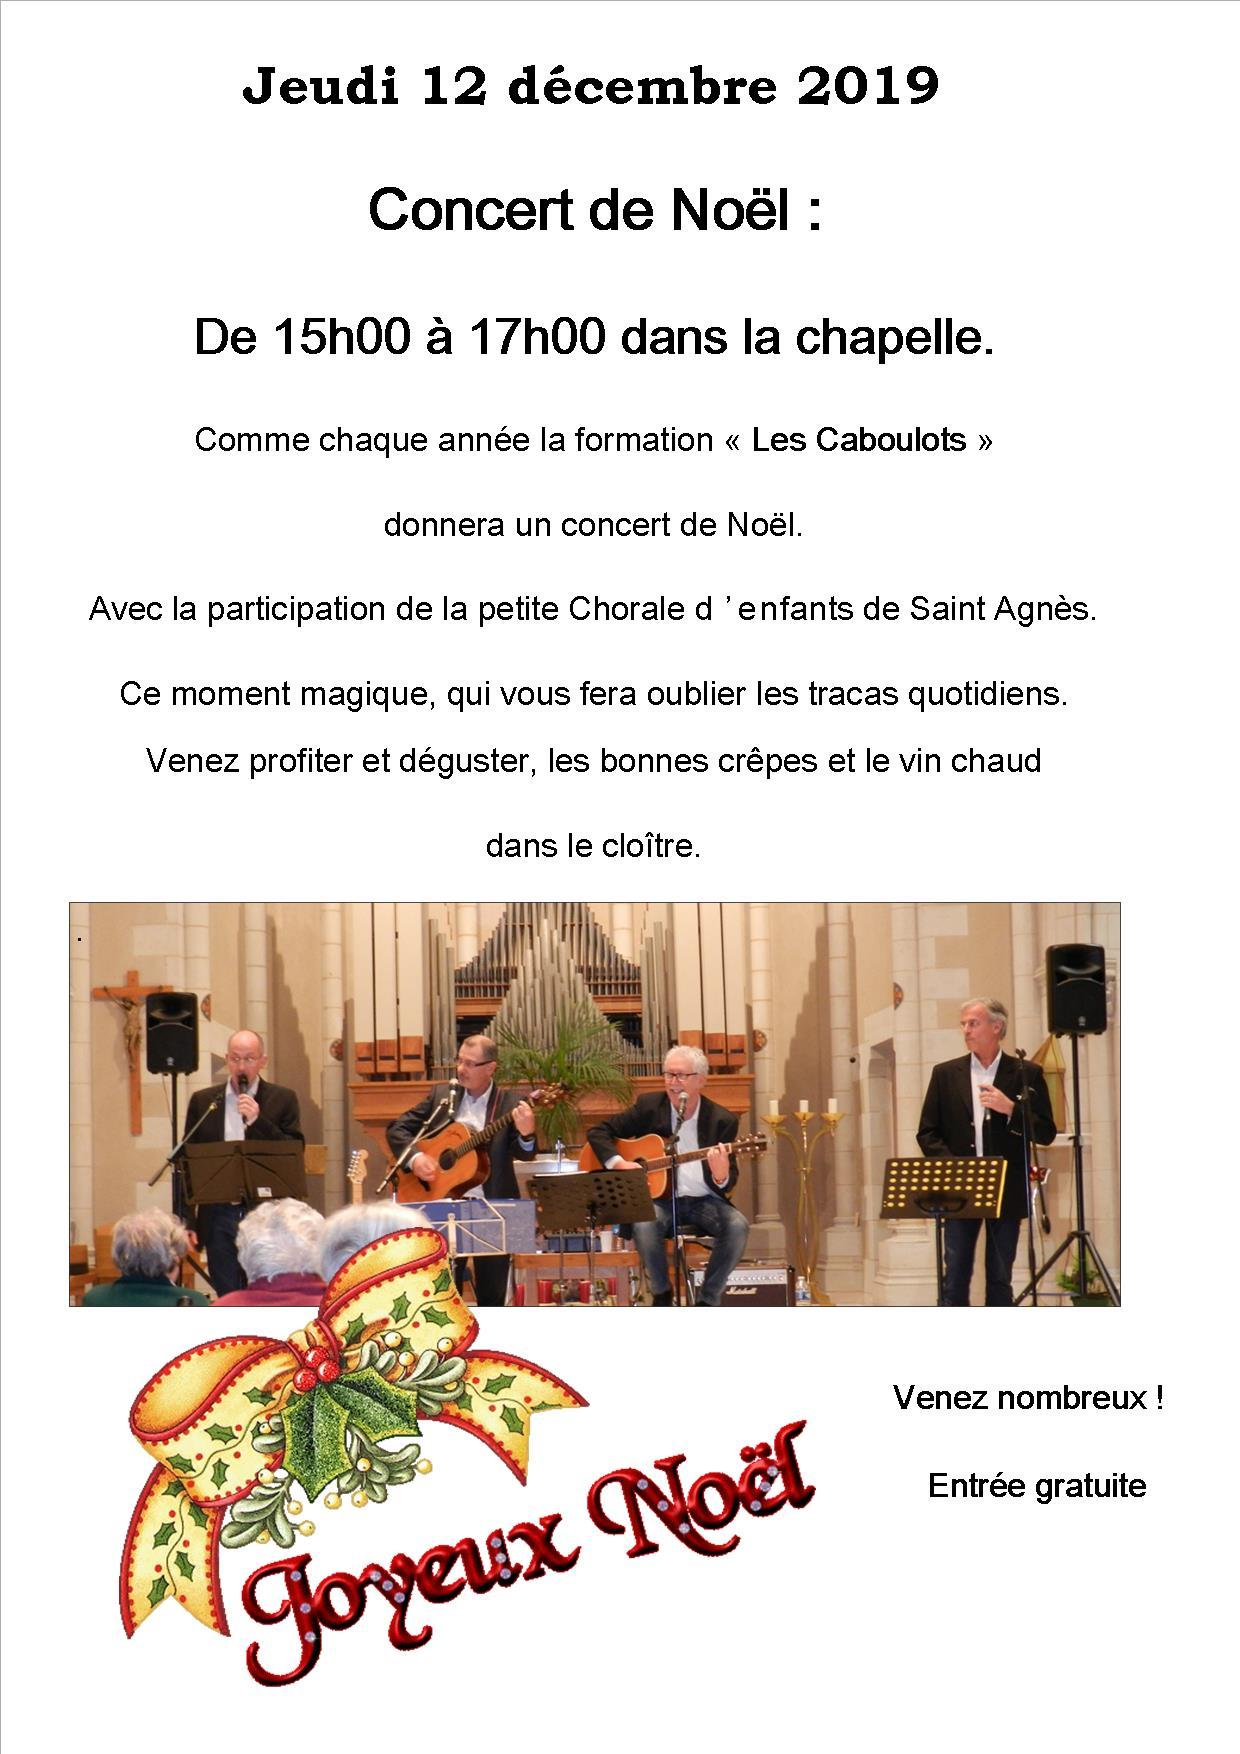 Concert de Noël avec les Caboulots le 12 décembre 2019